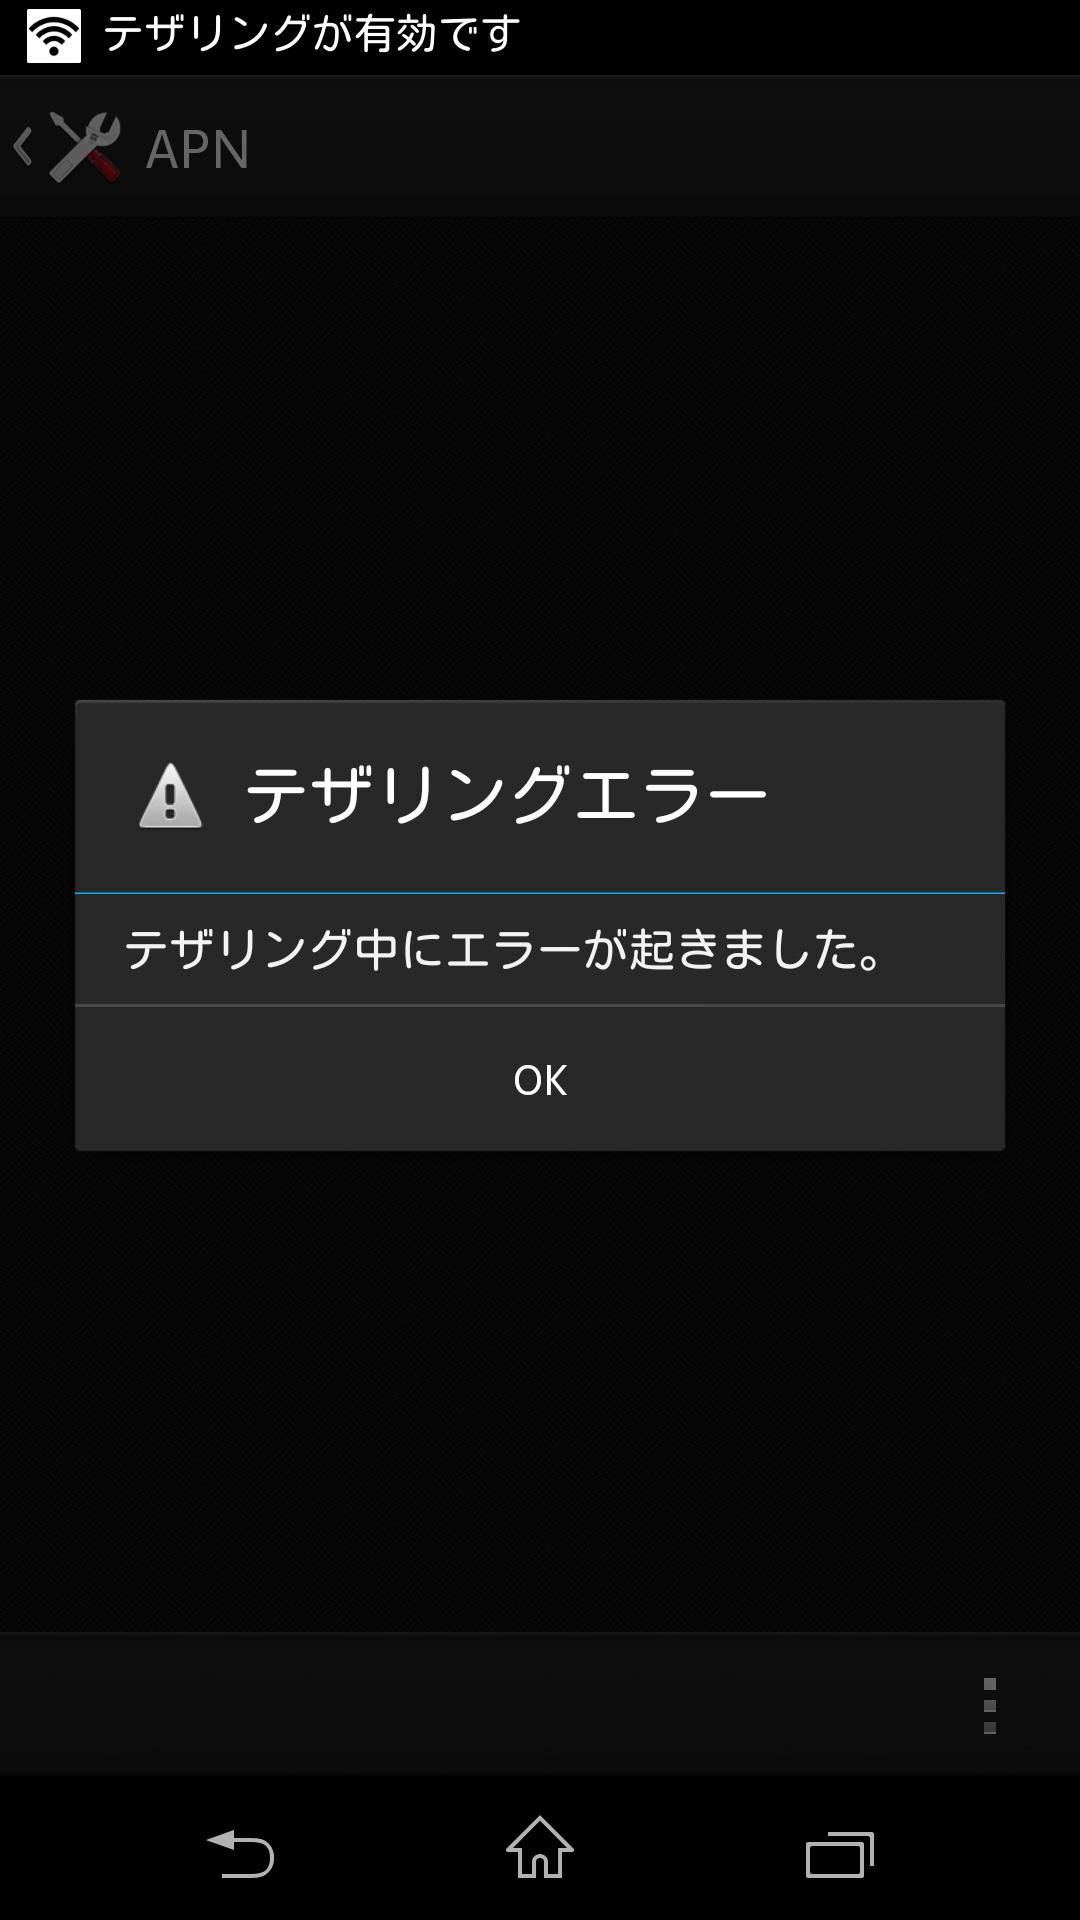 【コラム】Xperia Zでmopera U経由のテザリングができた理由